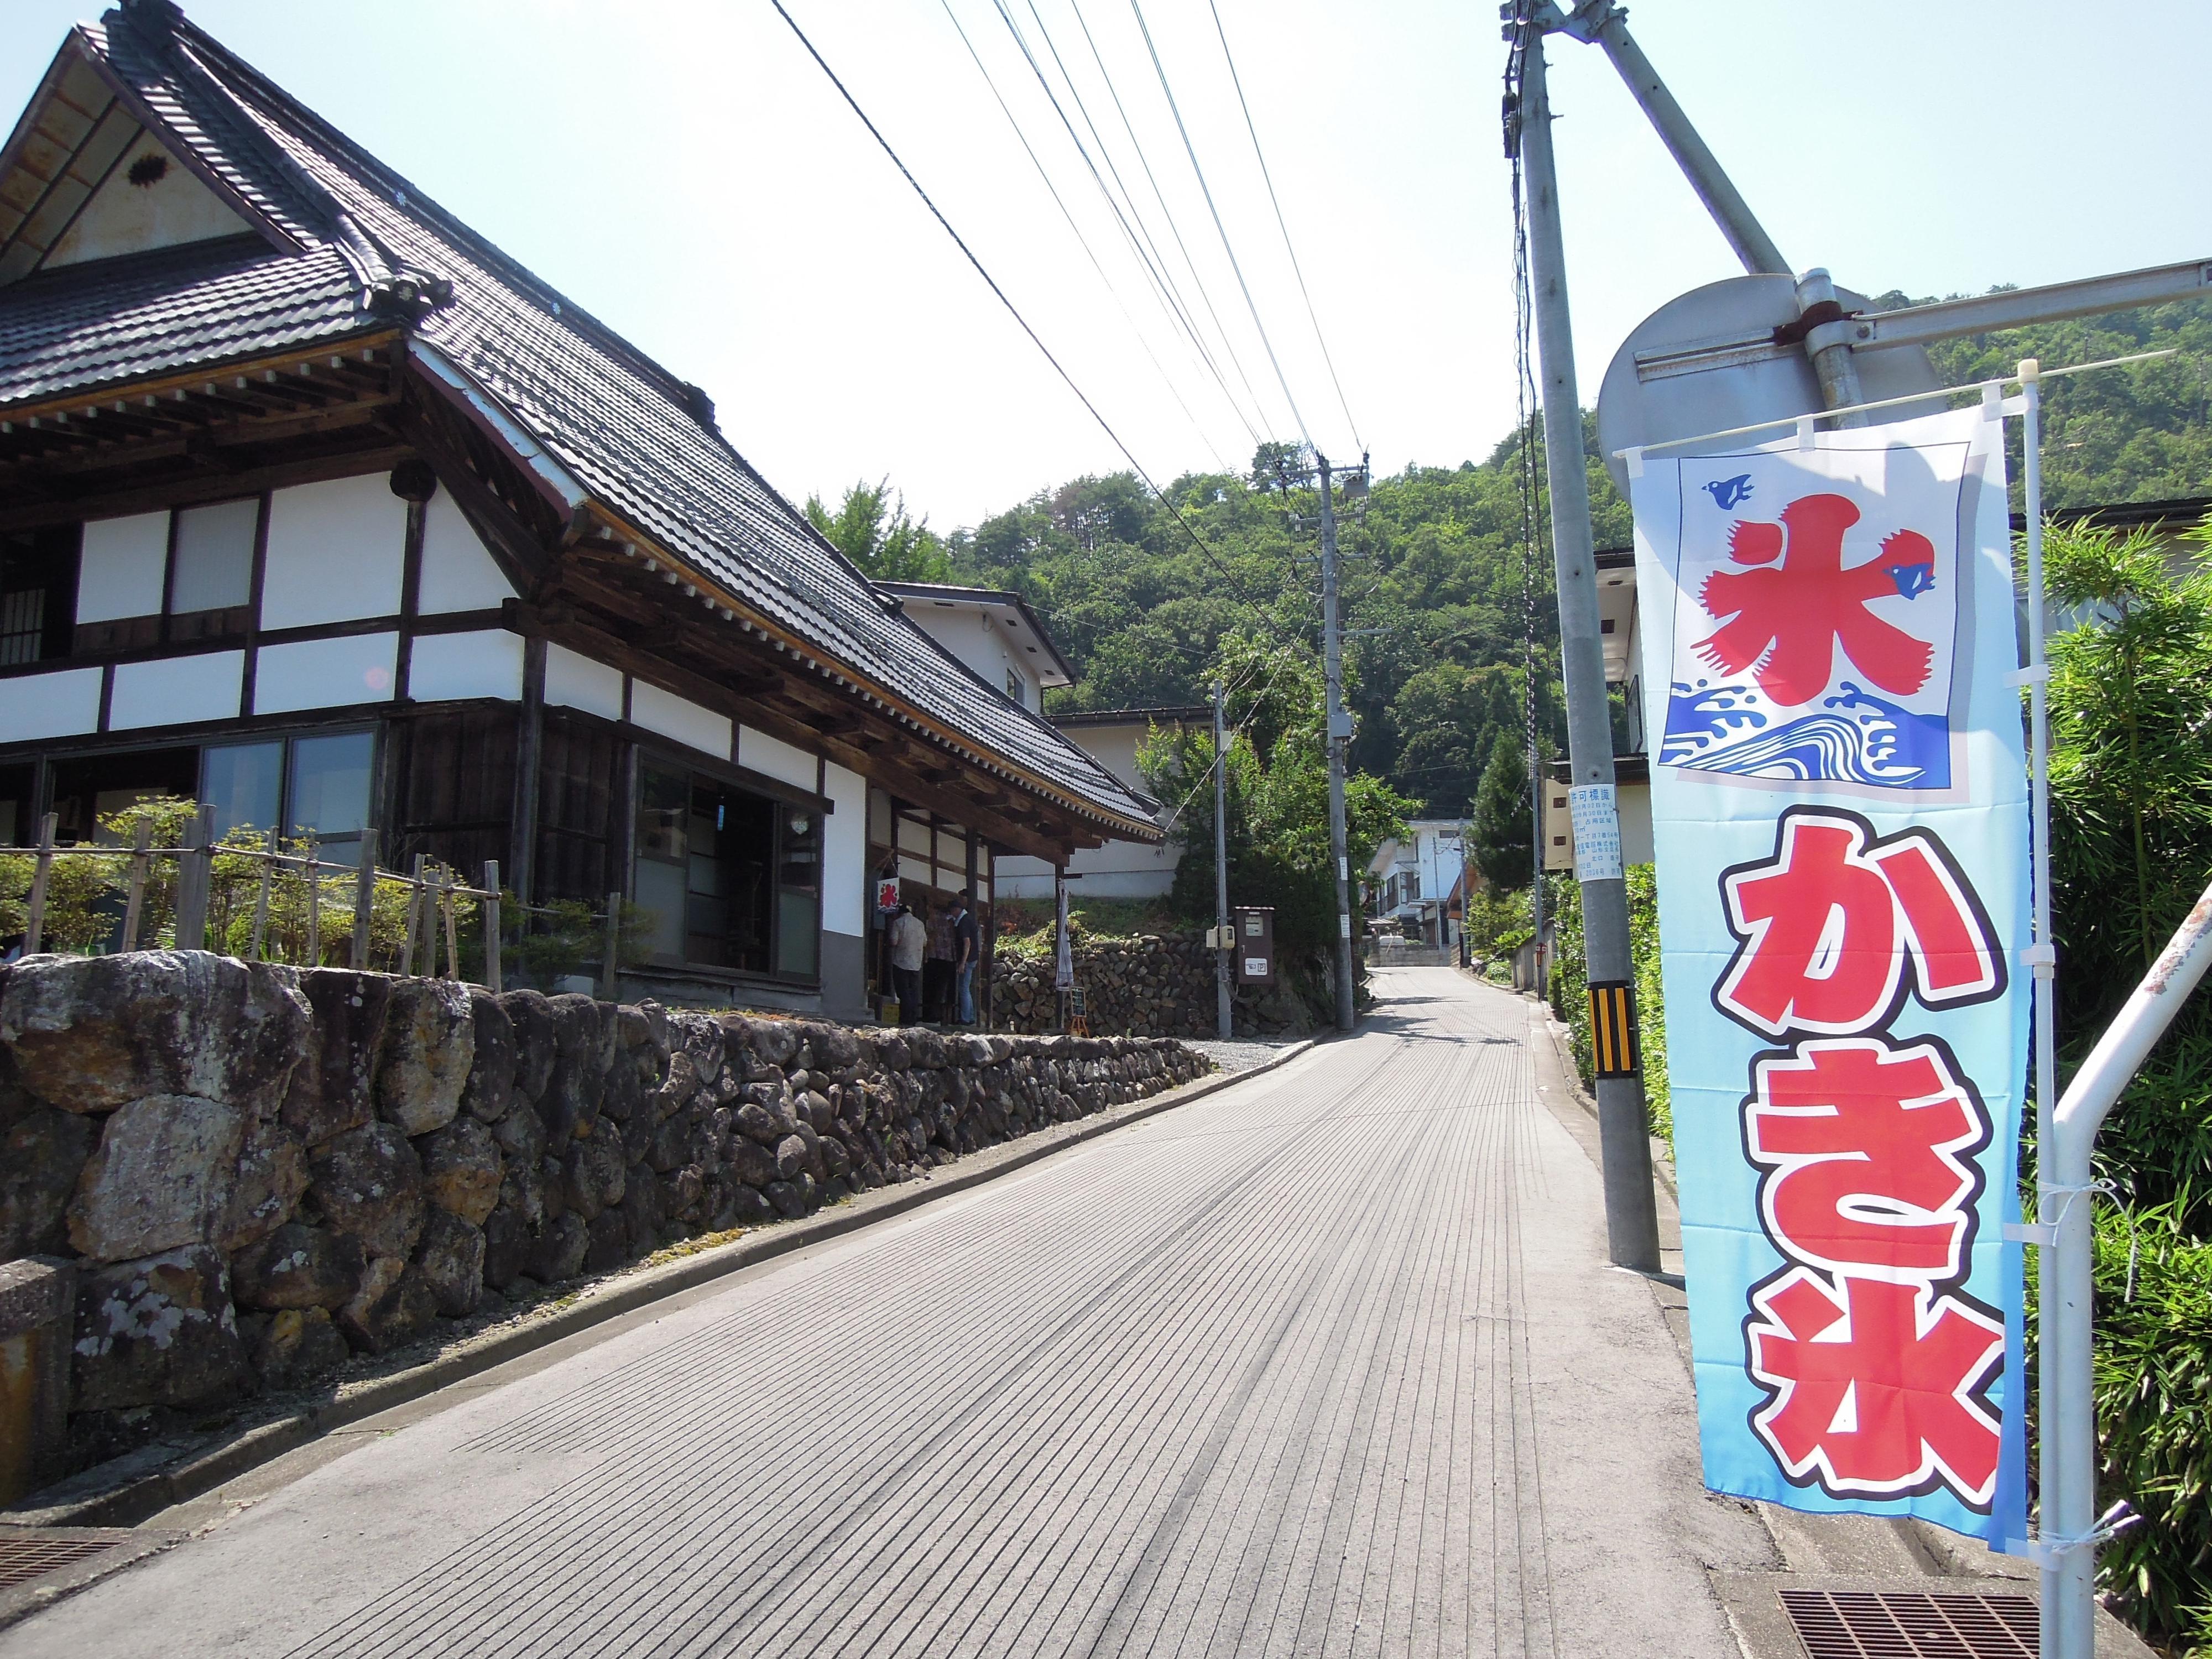 """[取消]羽毛州大道楢下宿驿""""农村de的~mbiri廊子咖啡厅"""""""